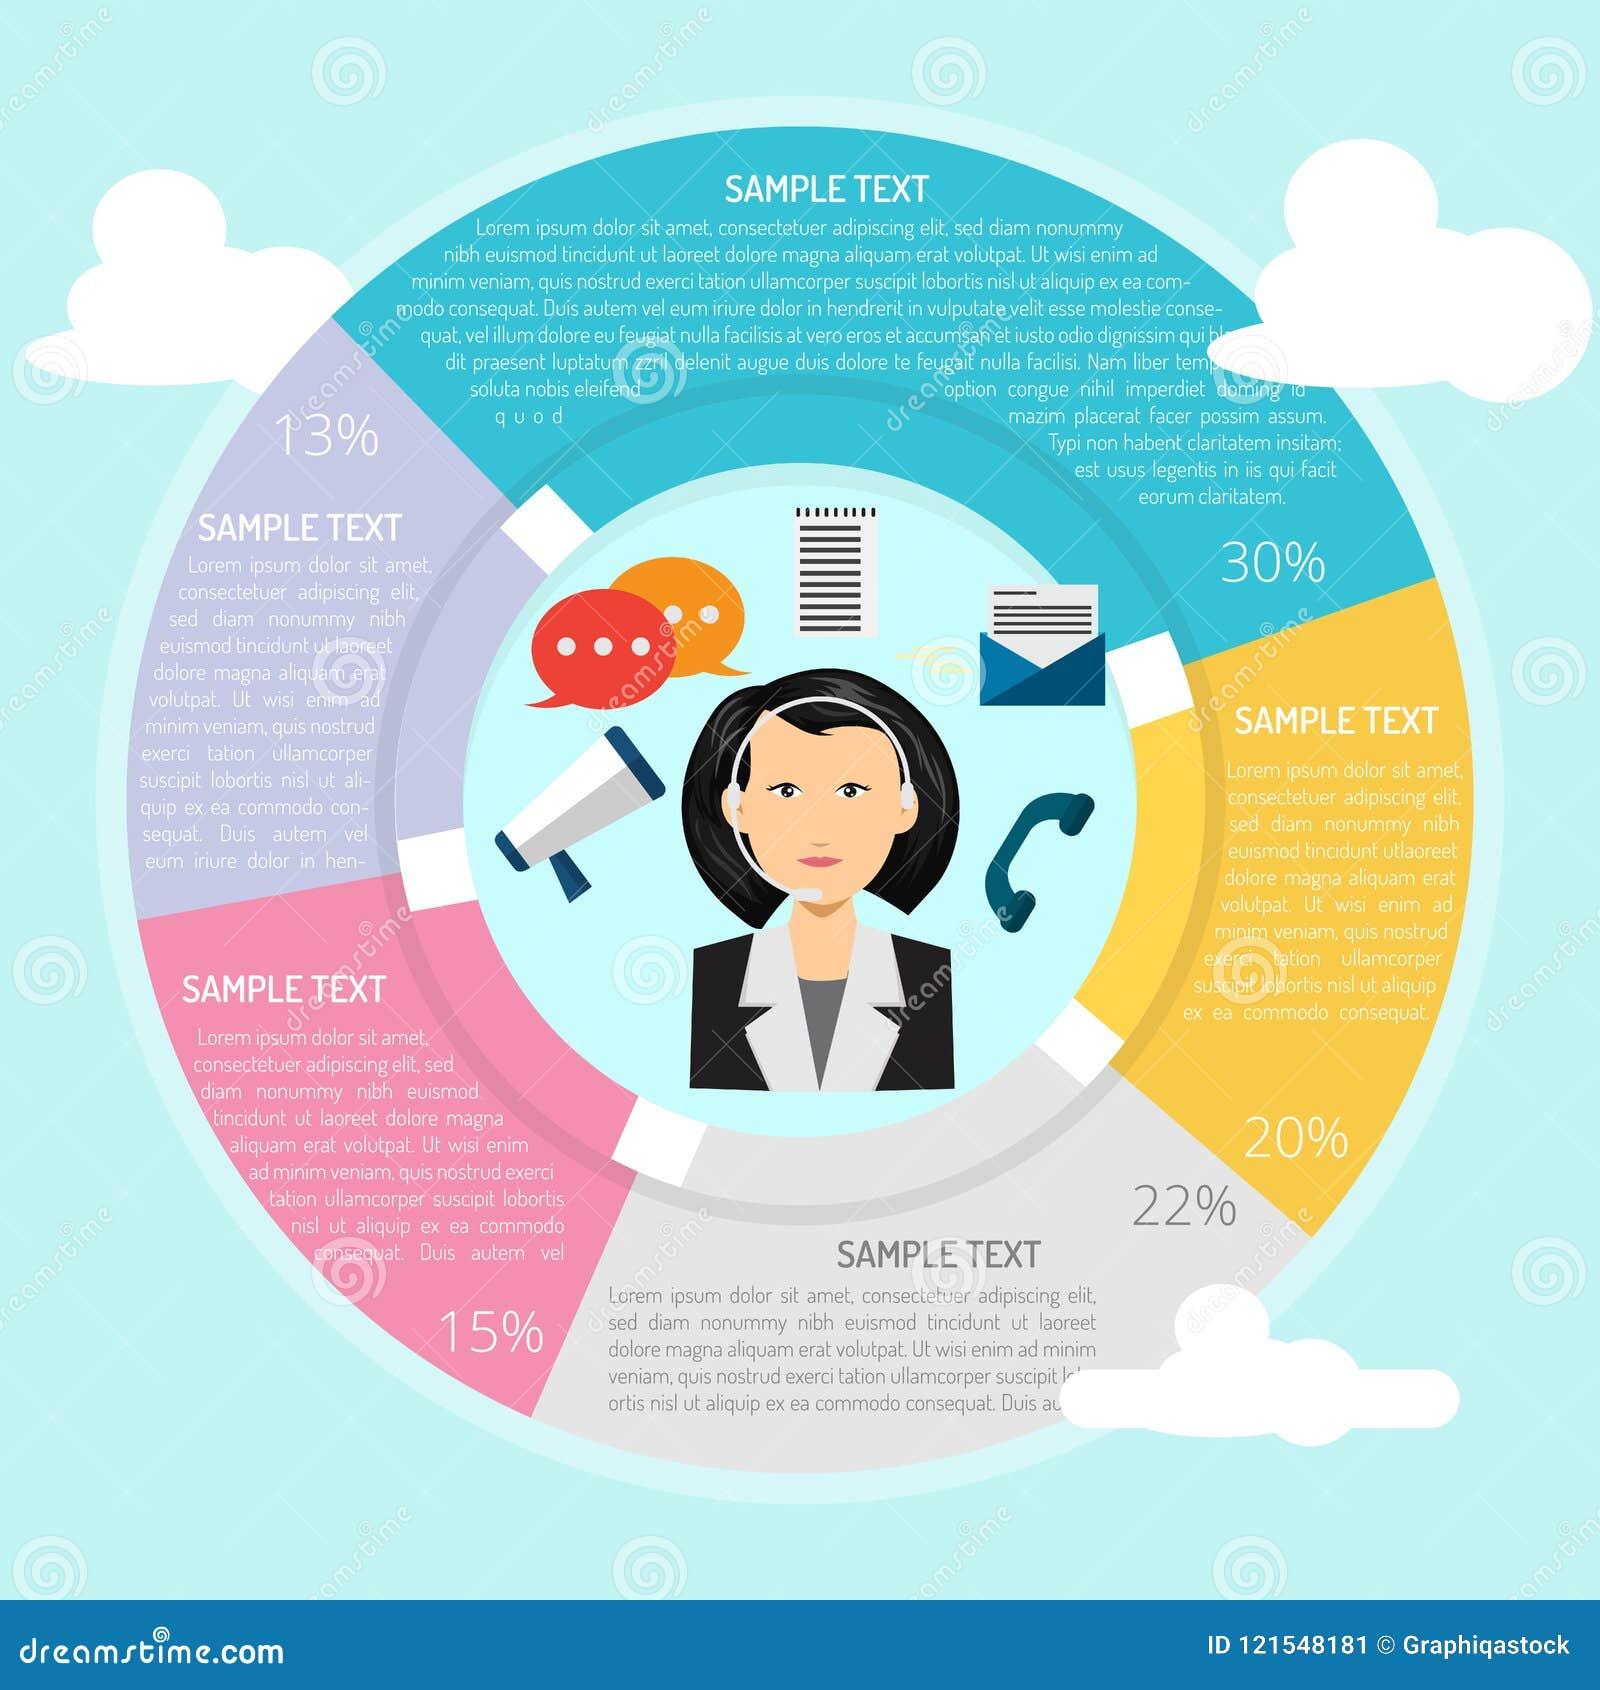 Связист Infographic